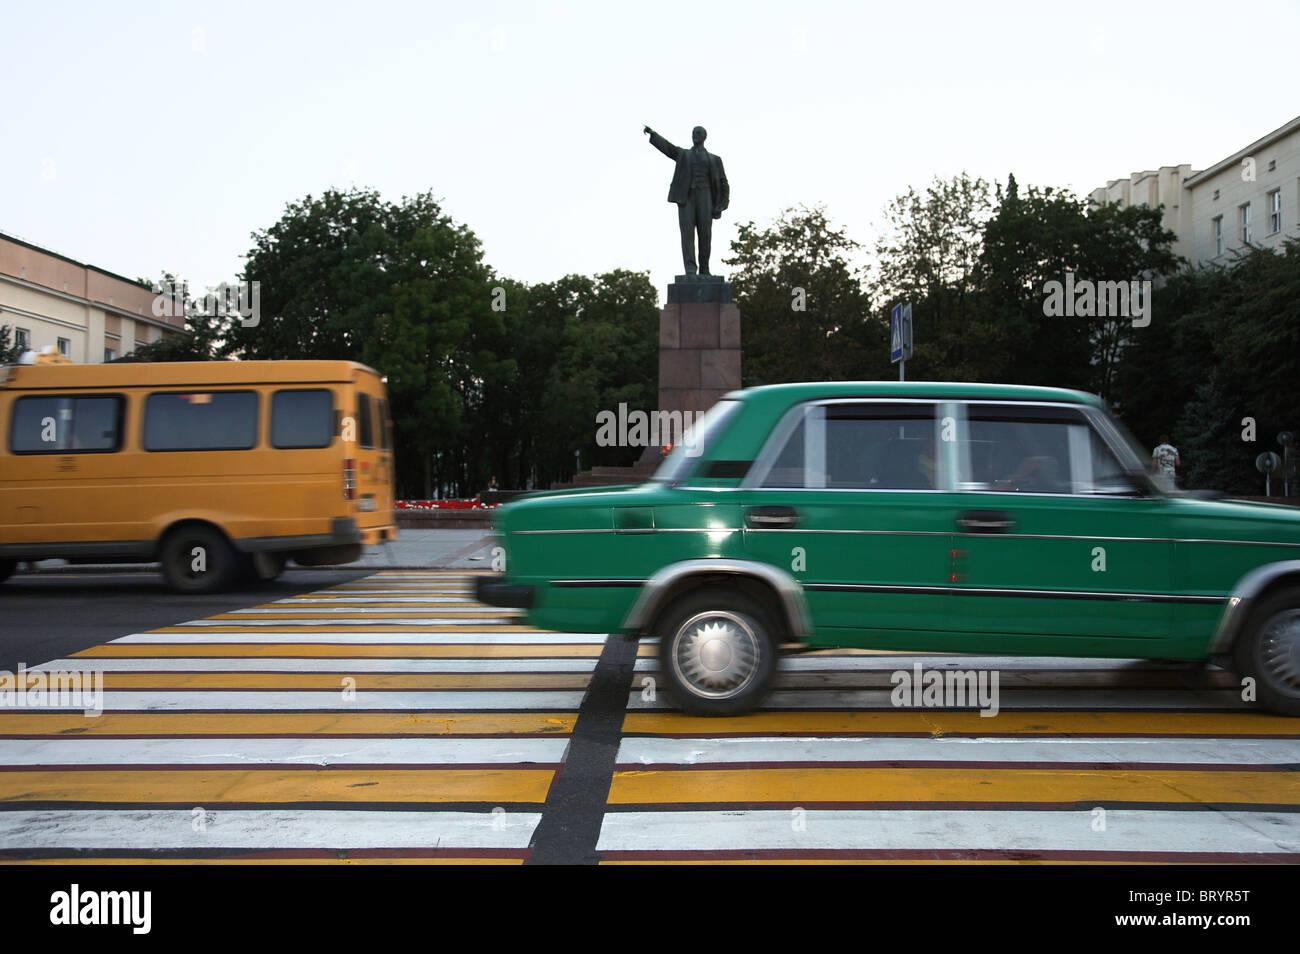 Street scene in front of Lenin monument, Brest, Belarus - Stock Image